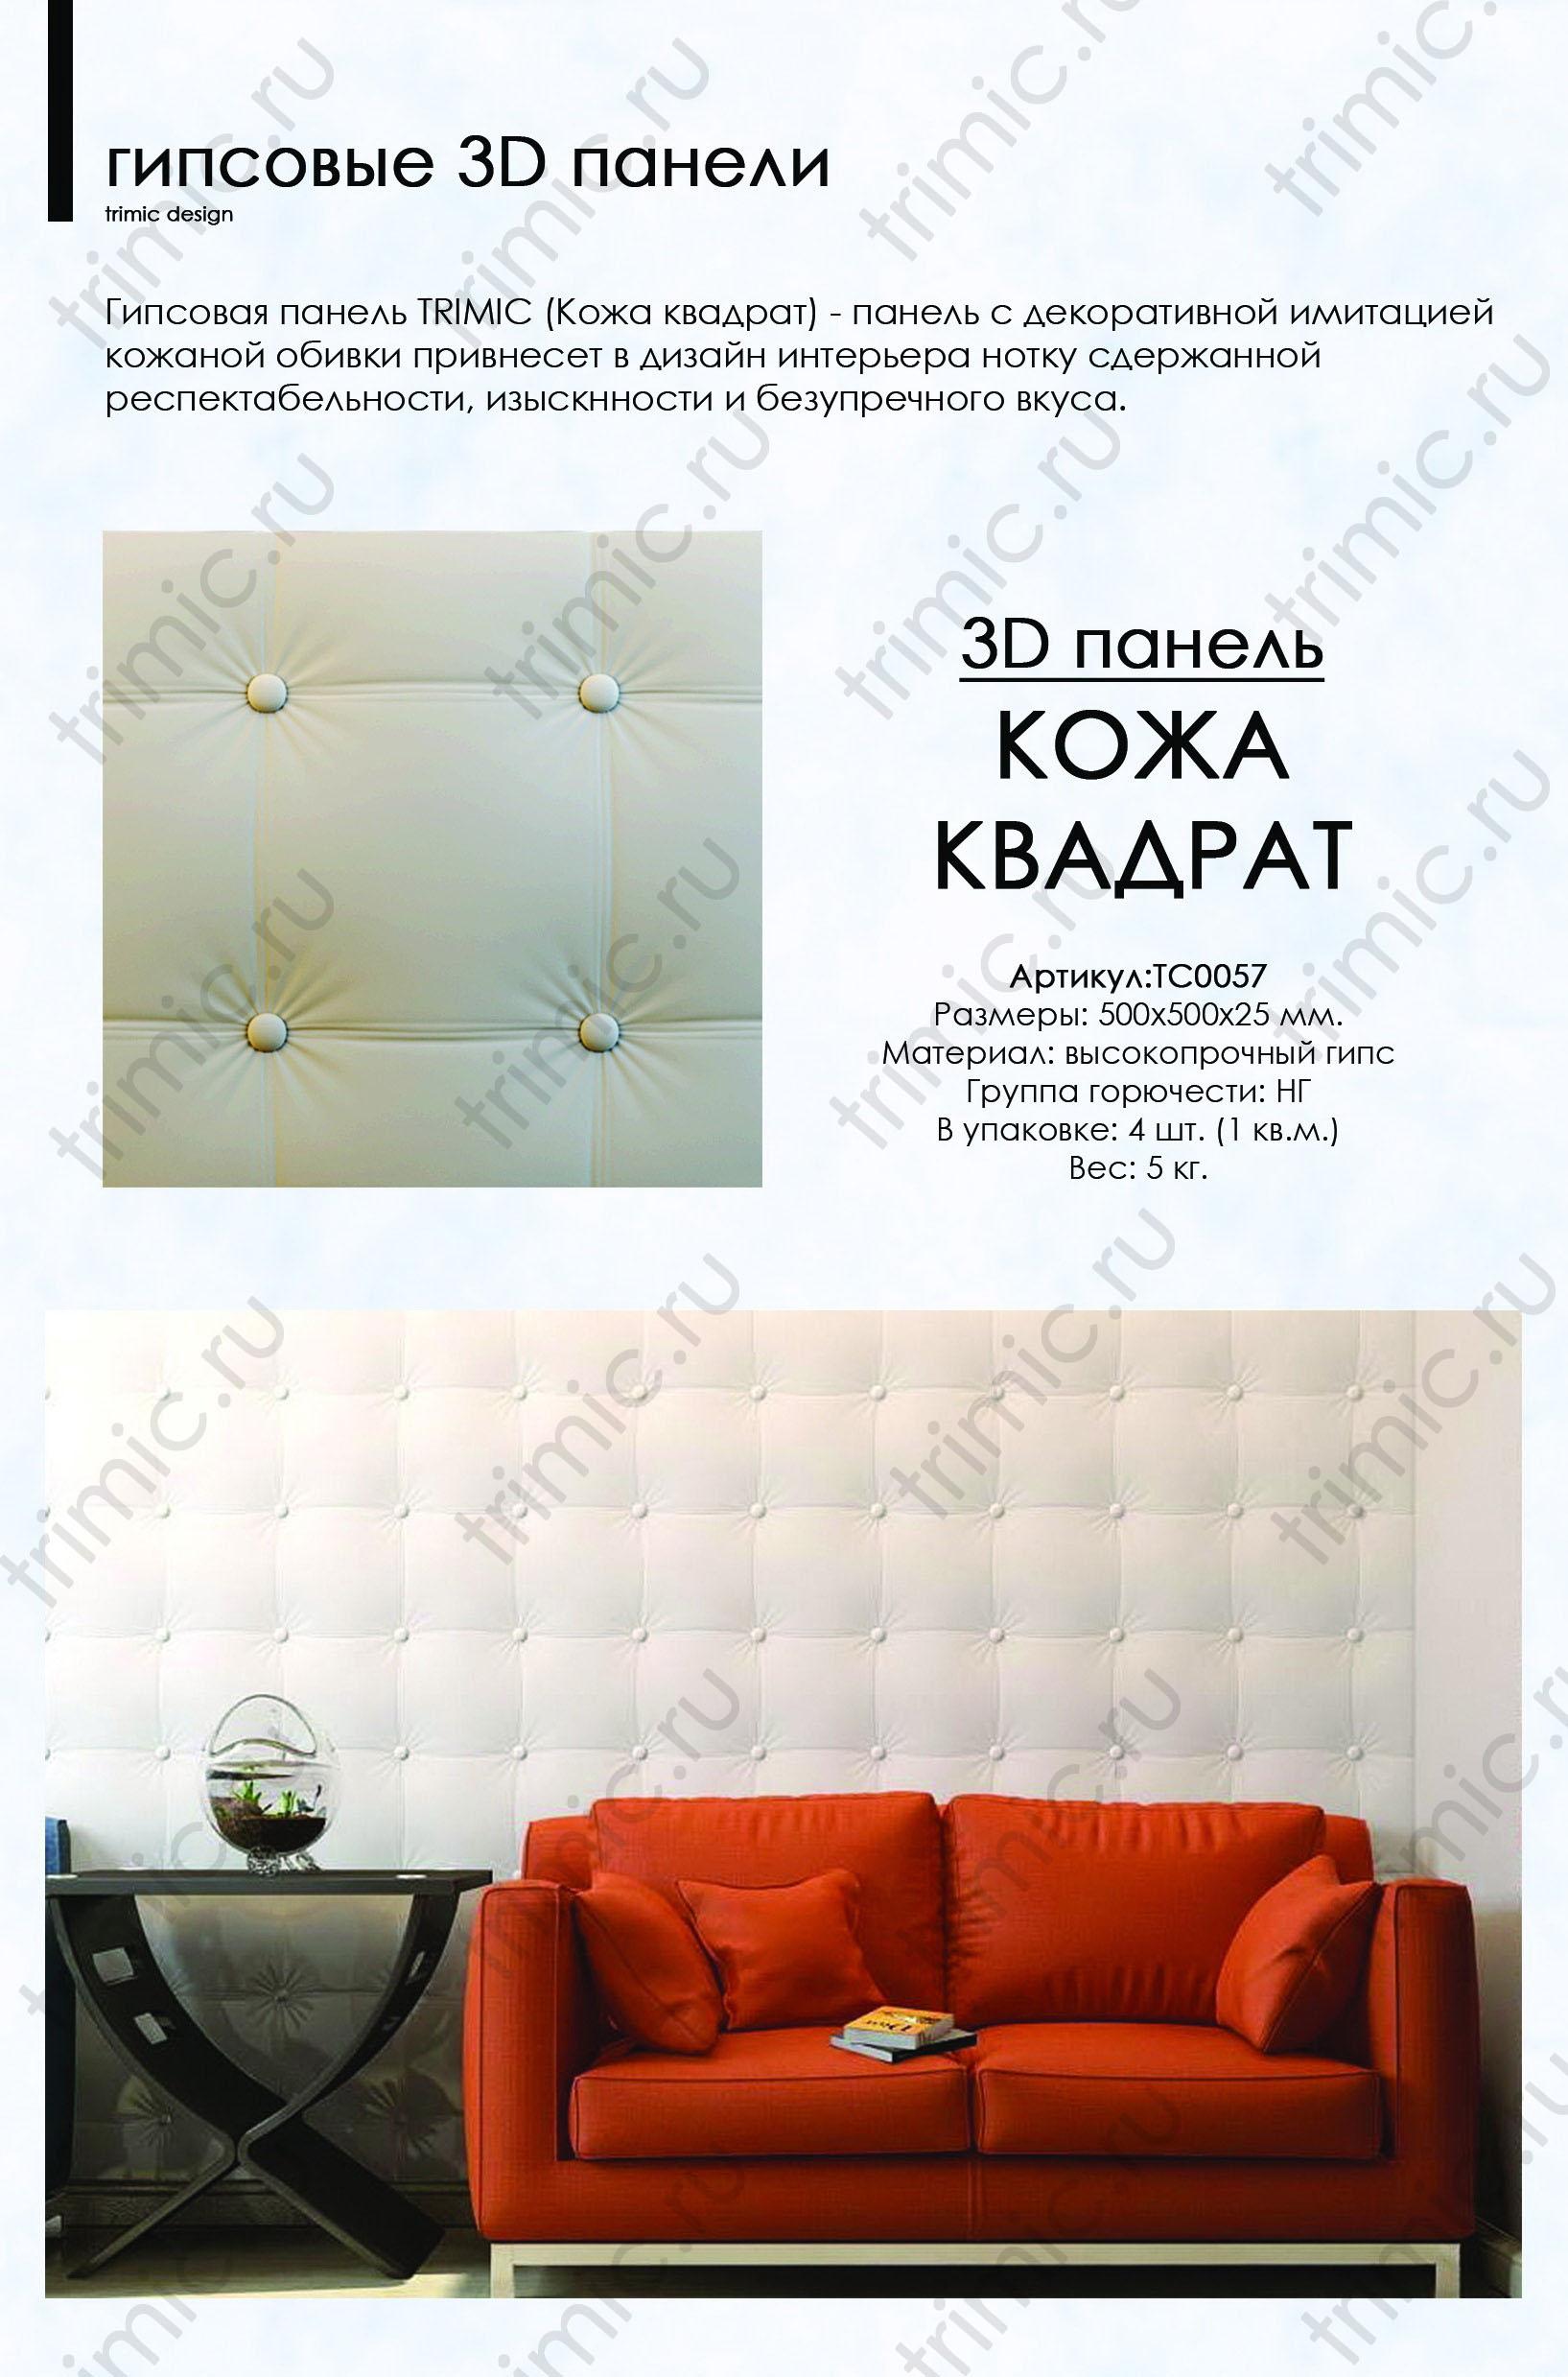 """3D панель из гипса """"Кожа квадрат"""" для интерьерного оформления стен."""